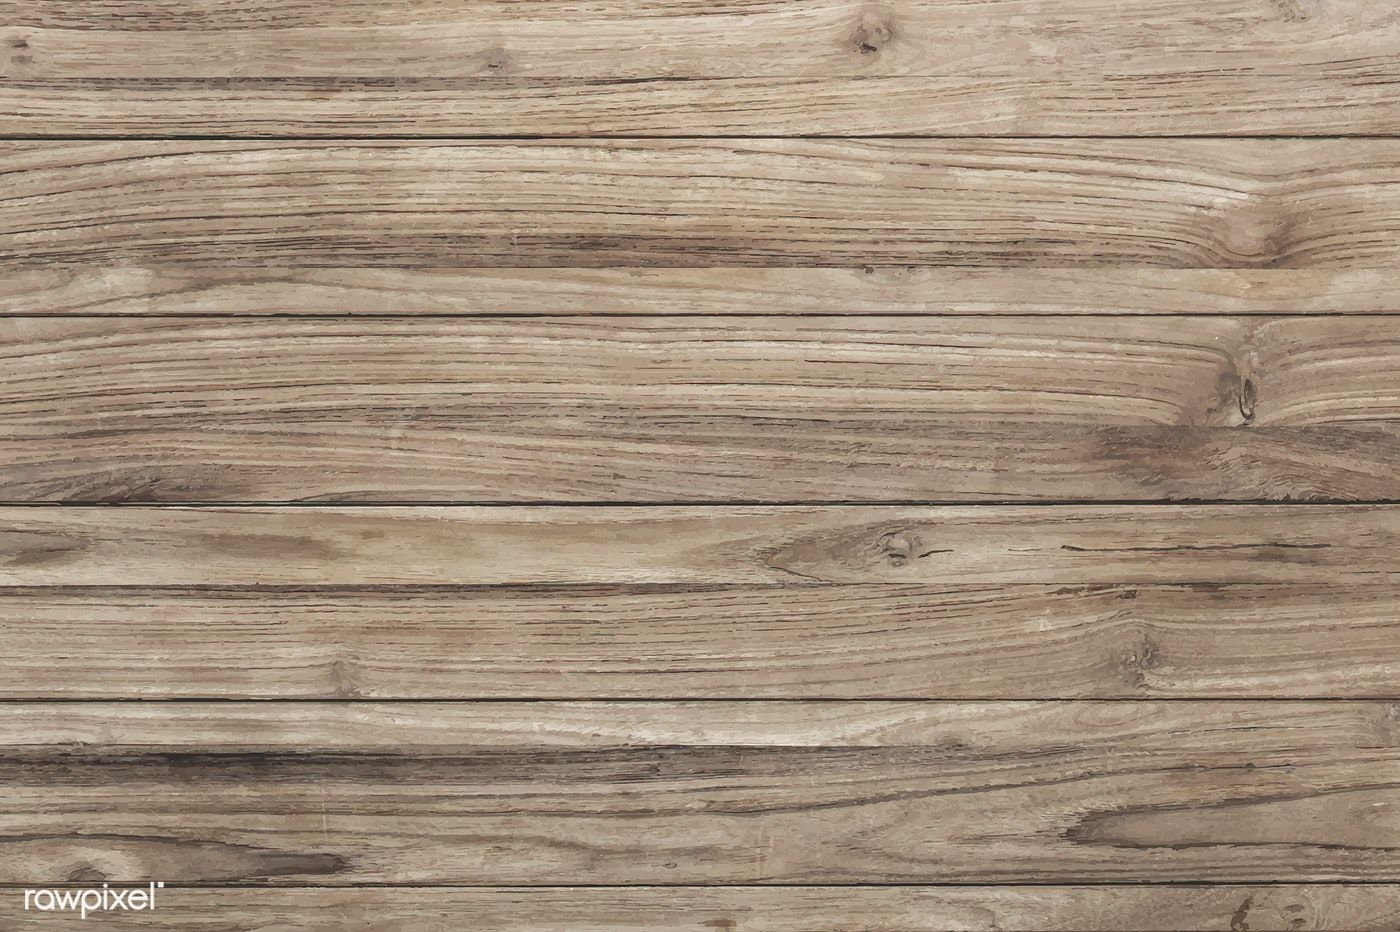 Download premium vector of Faded brown wooden texture